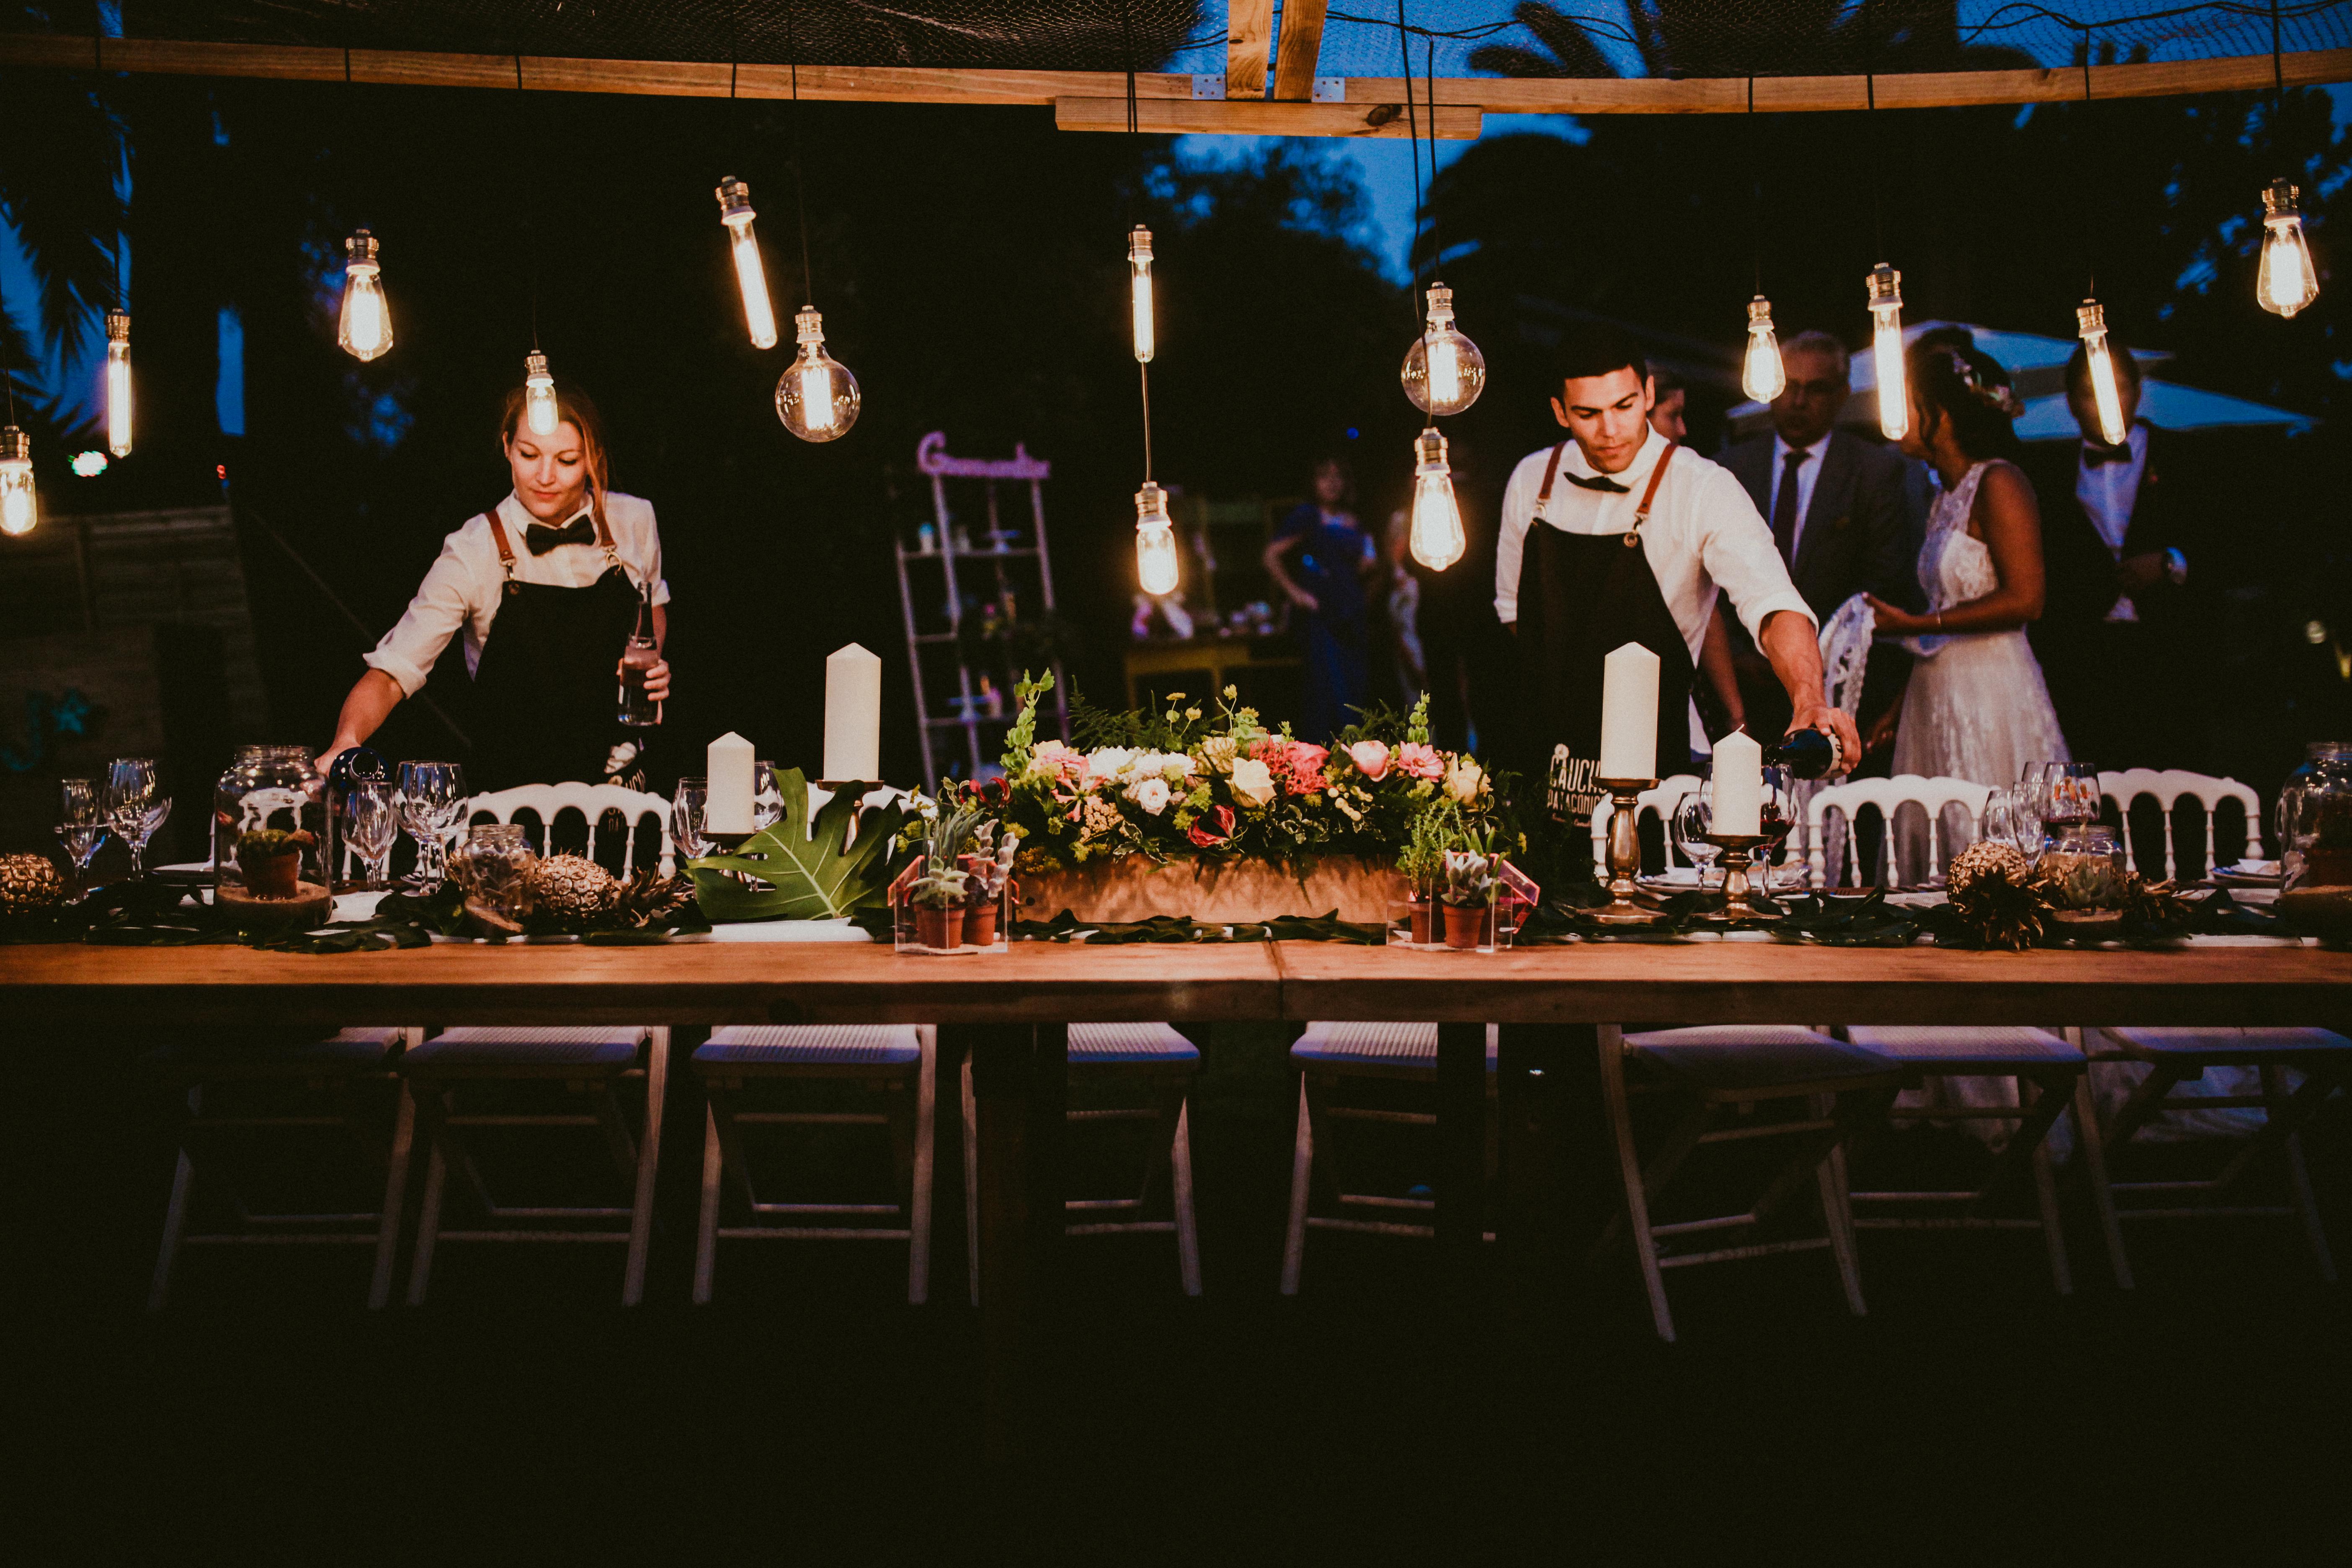 Estructura con luces mesa de novios